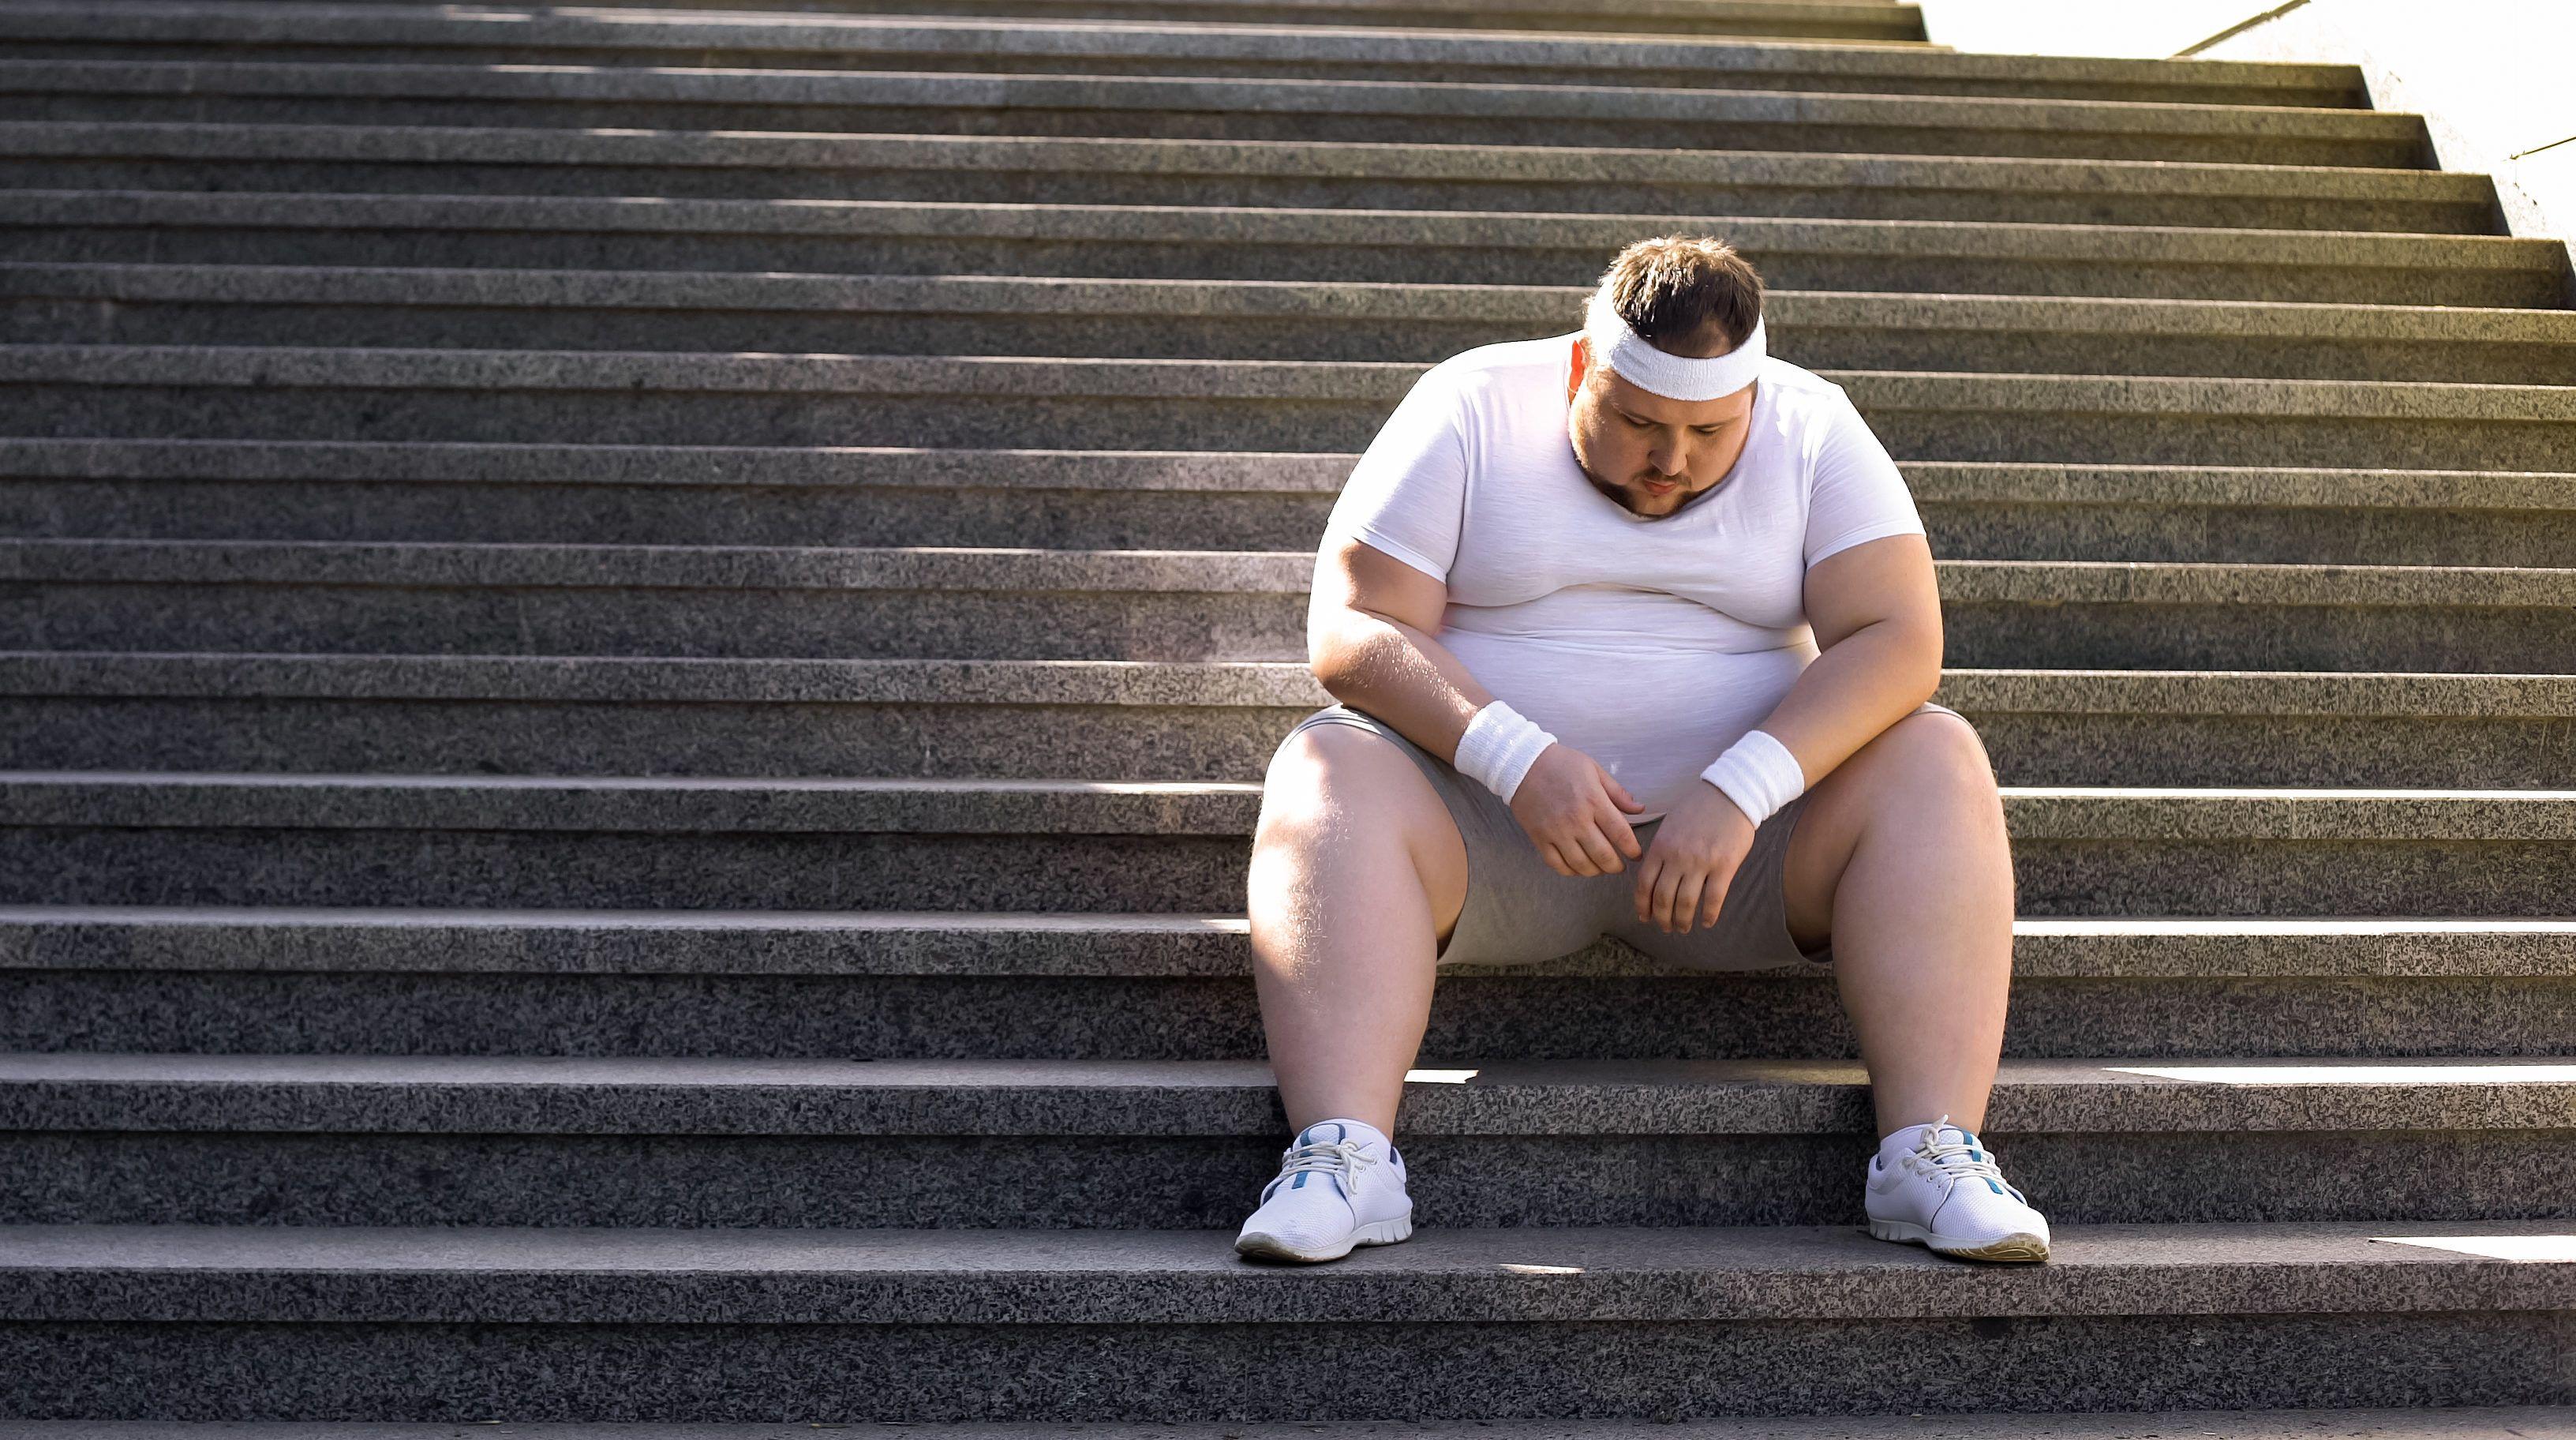 túlsúlyos, és szeretne fogyni